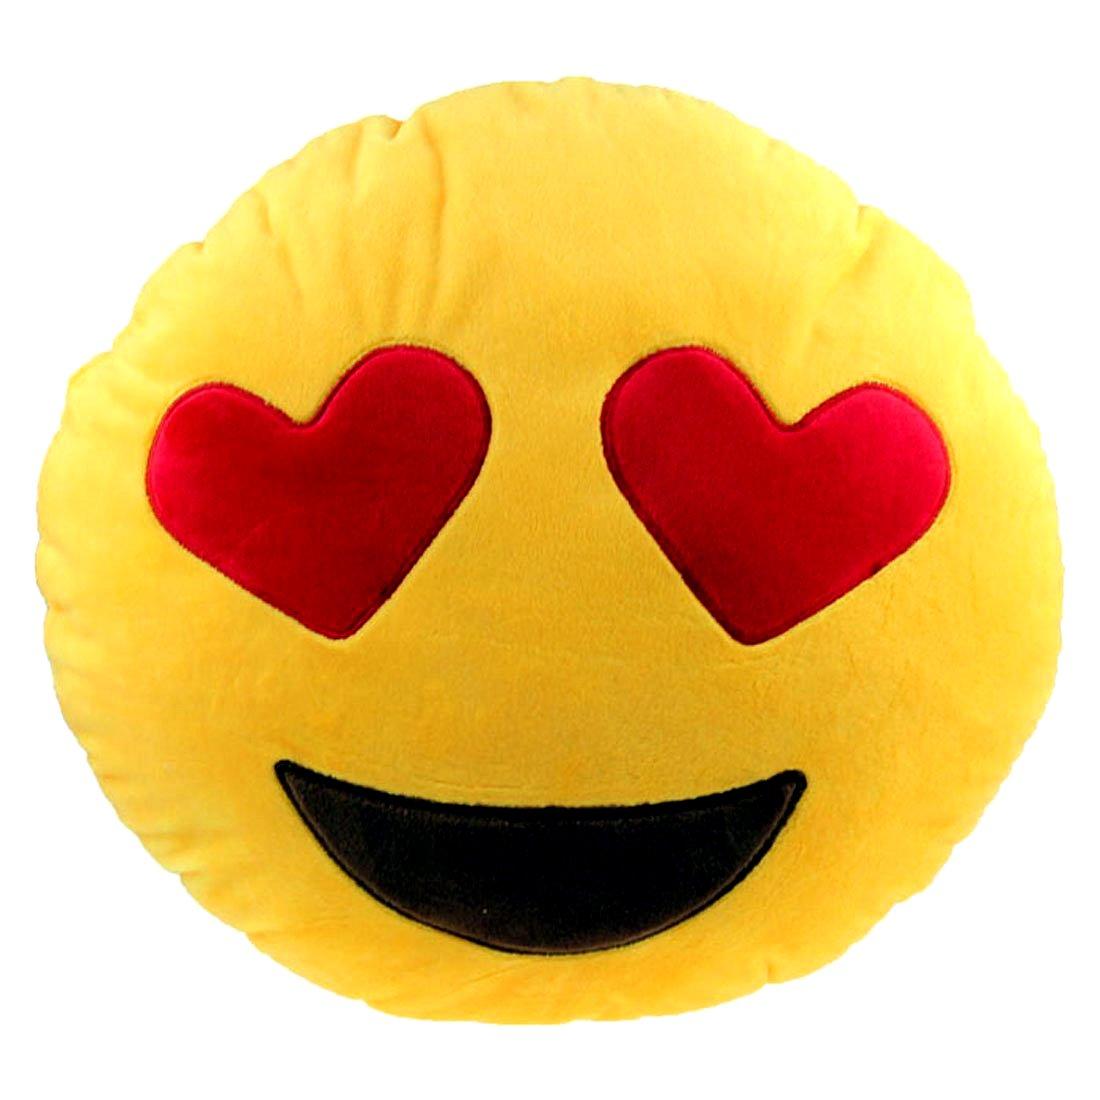 Brigamo 510 emoticon kissen aus plüsch 30 cm durchmessersmiley kissen mit diversen motive zum sammeln emoji mit herzaugen amazon de spielzeug